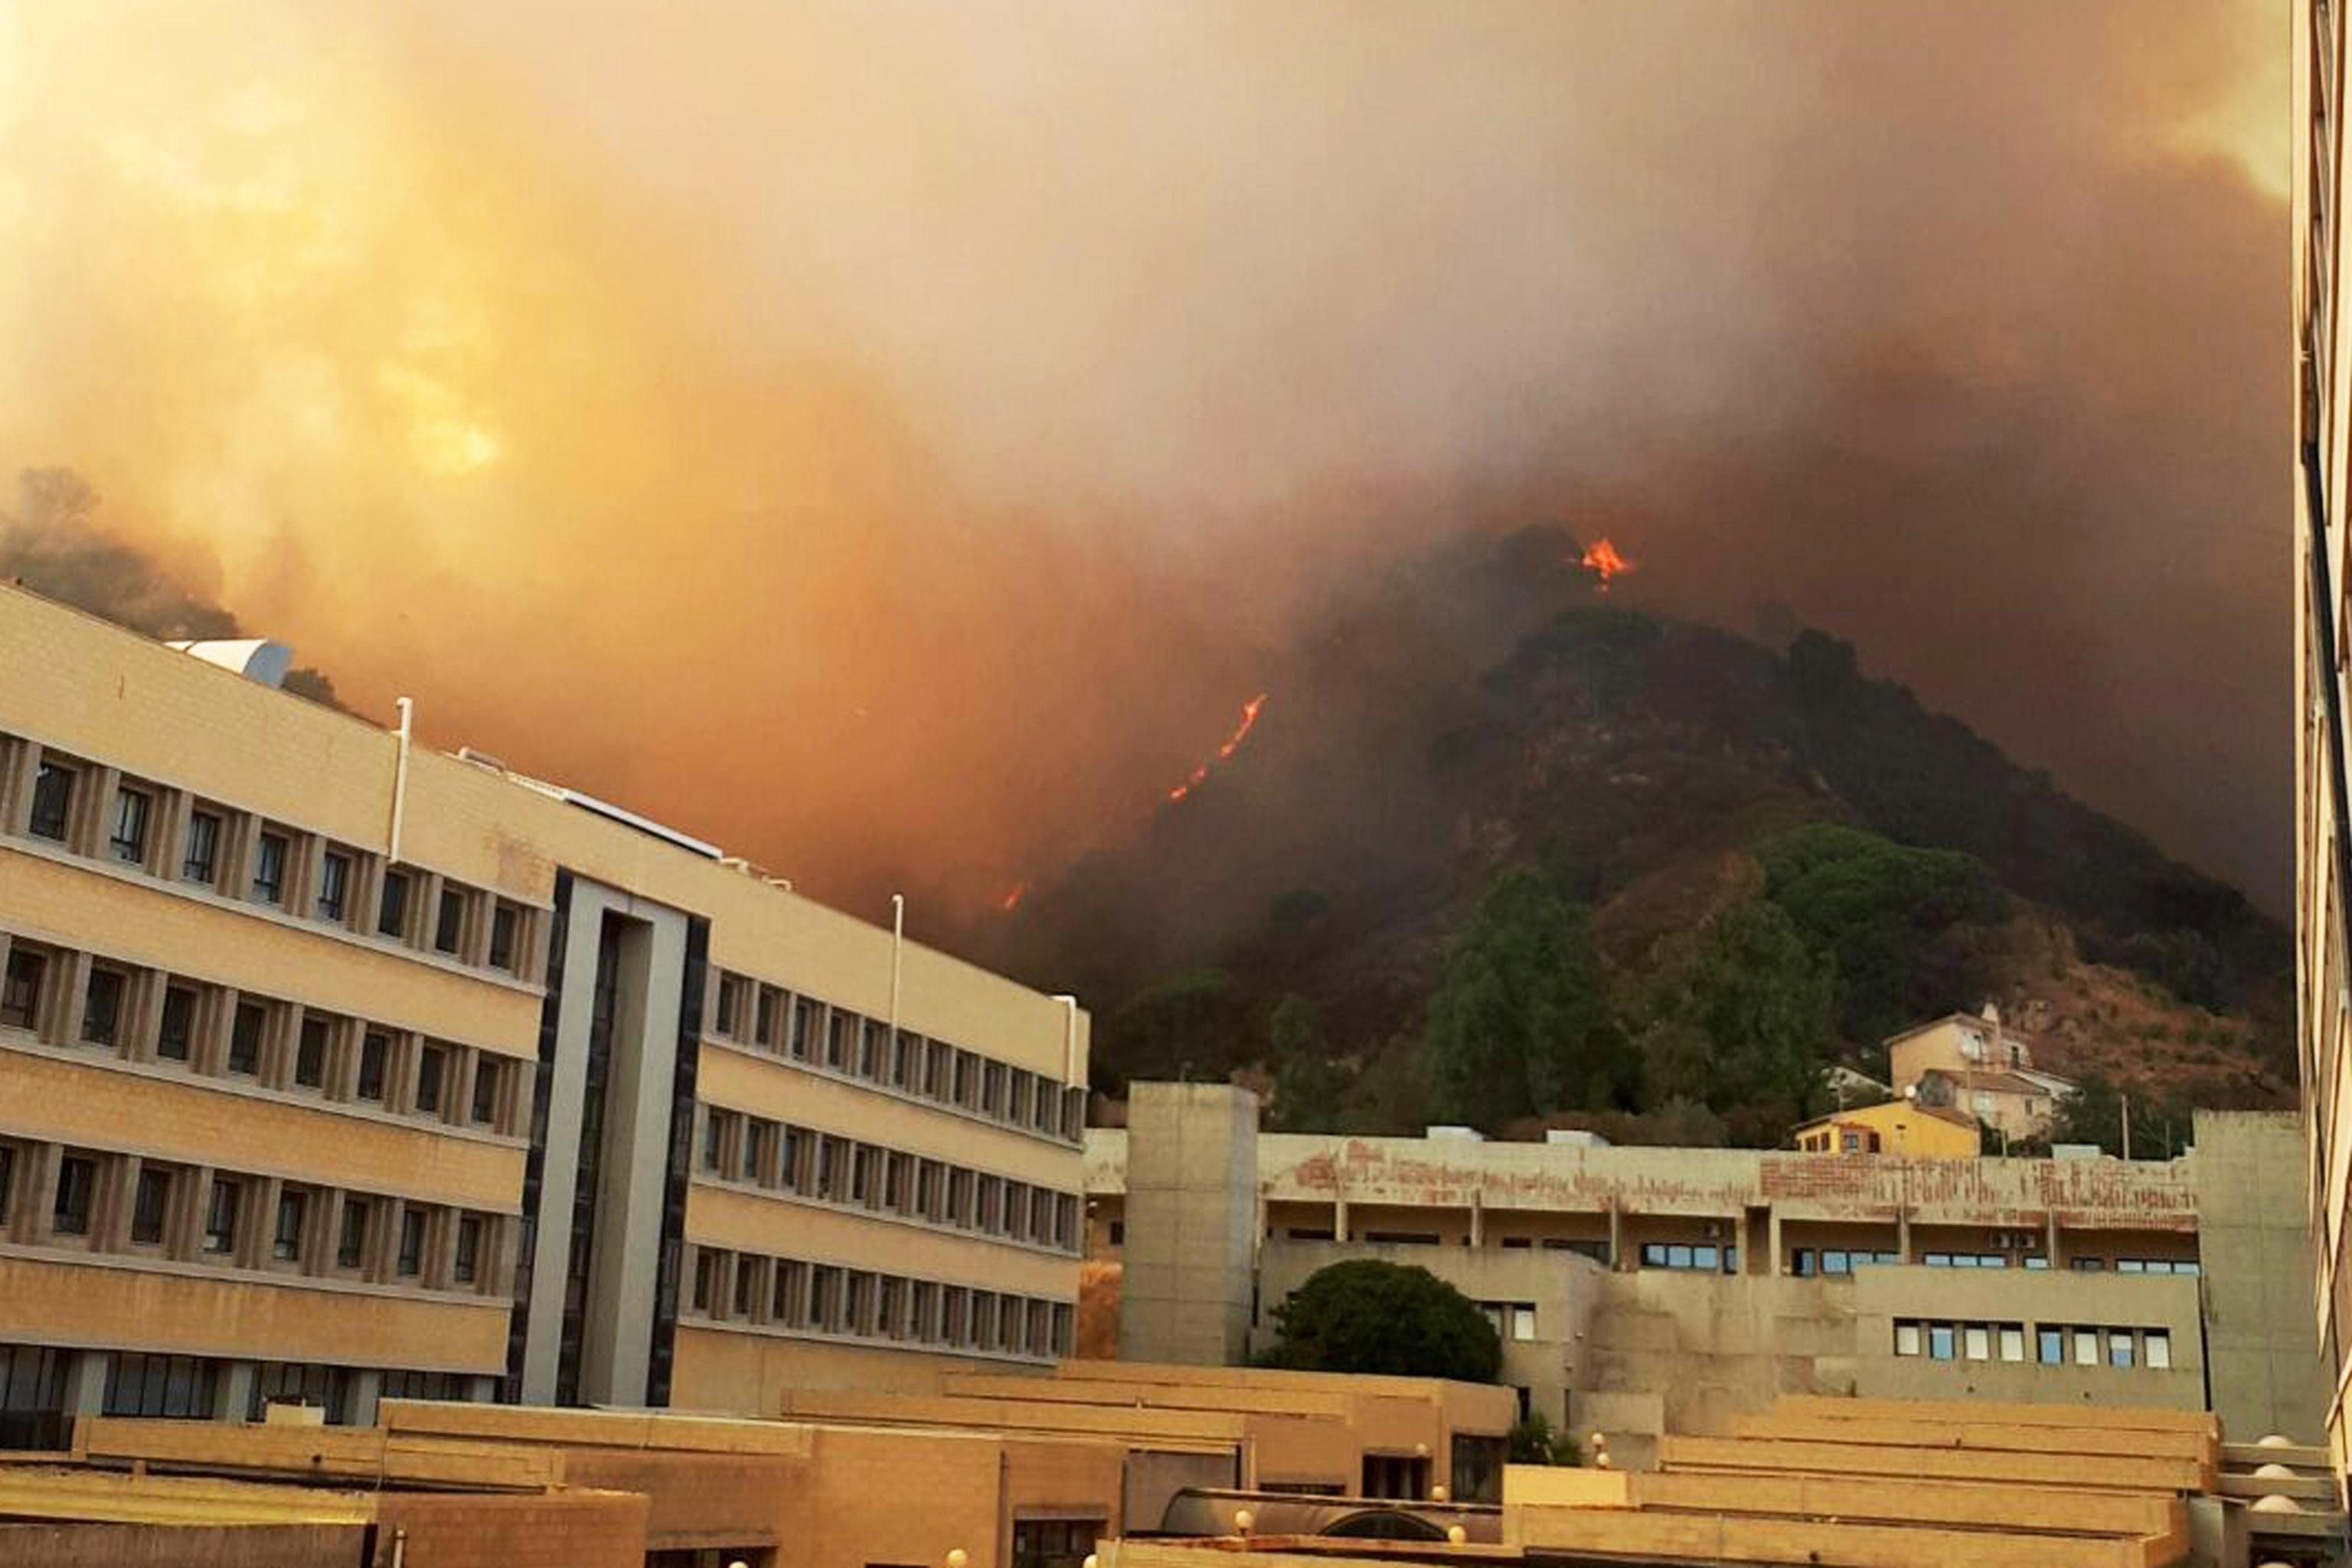 El fum i les flames envolten els edificis de la Universitat d'Annunziata durant un incendi a Messina (Itàlia). /FRANCESCO SAYA